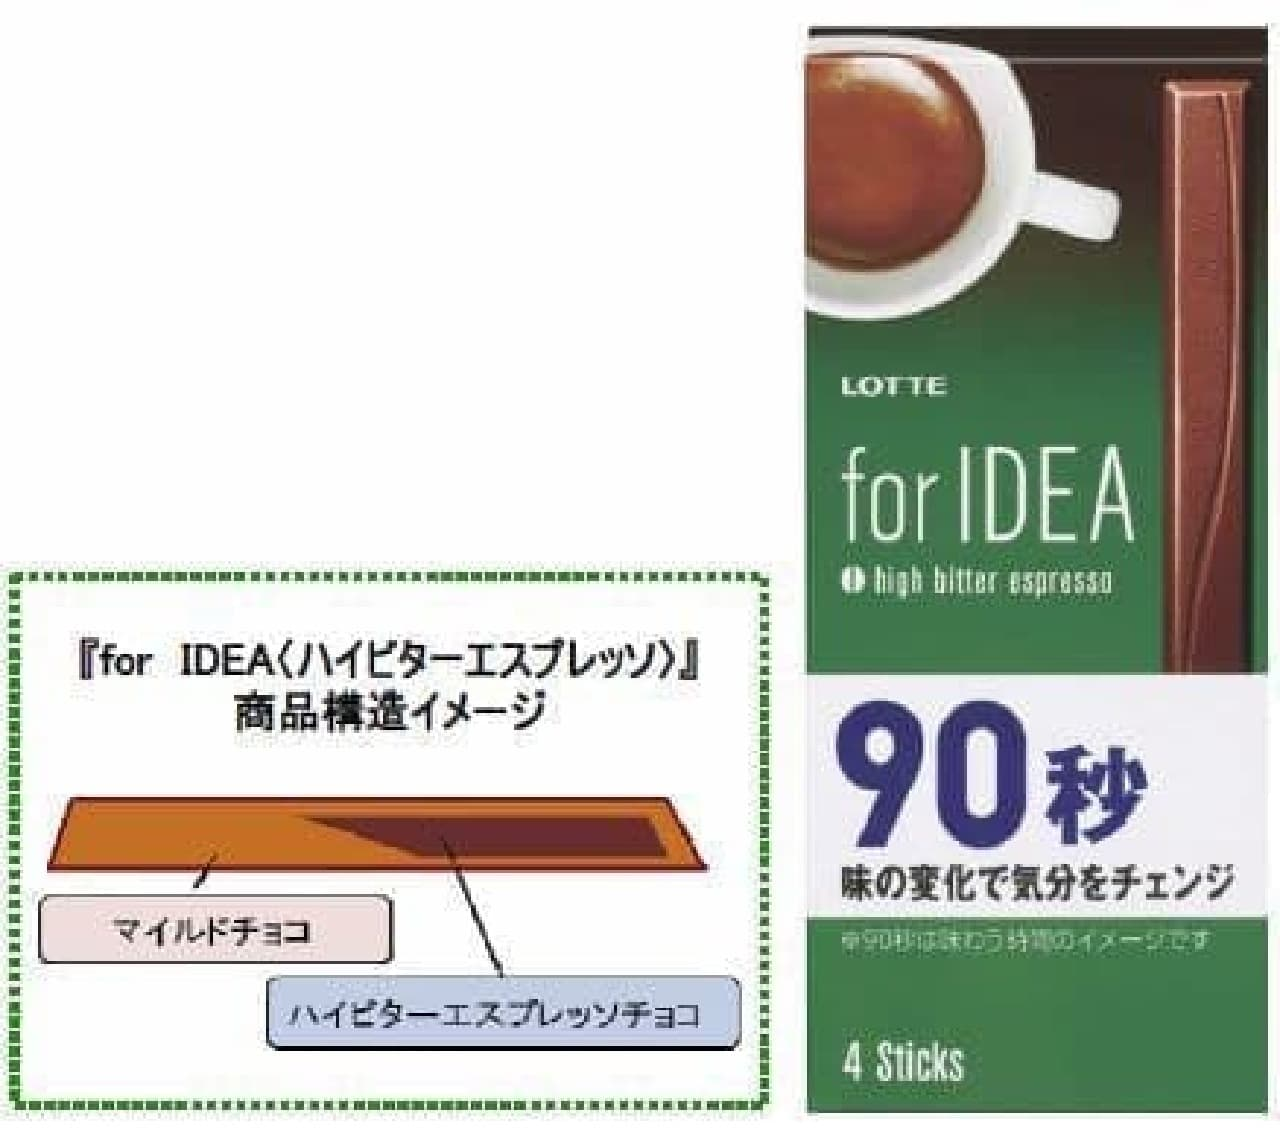 「for IDEA〈ハイビターエスプレッソ〉」